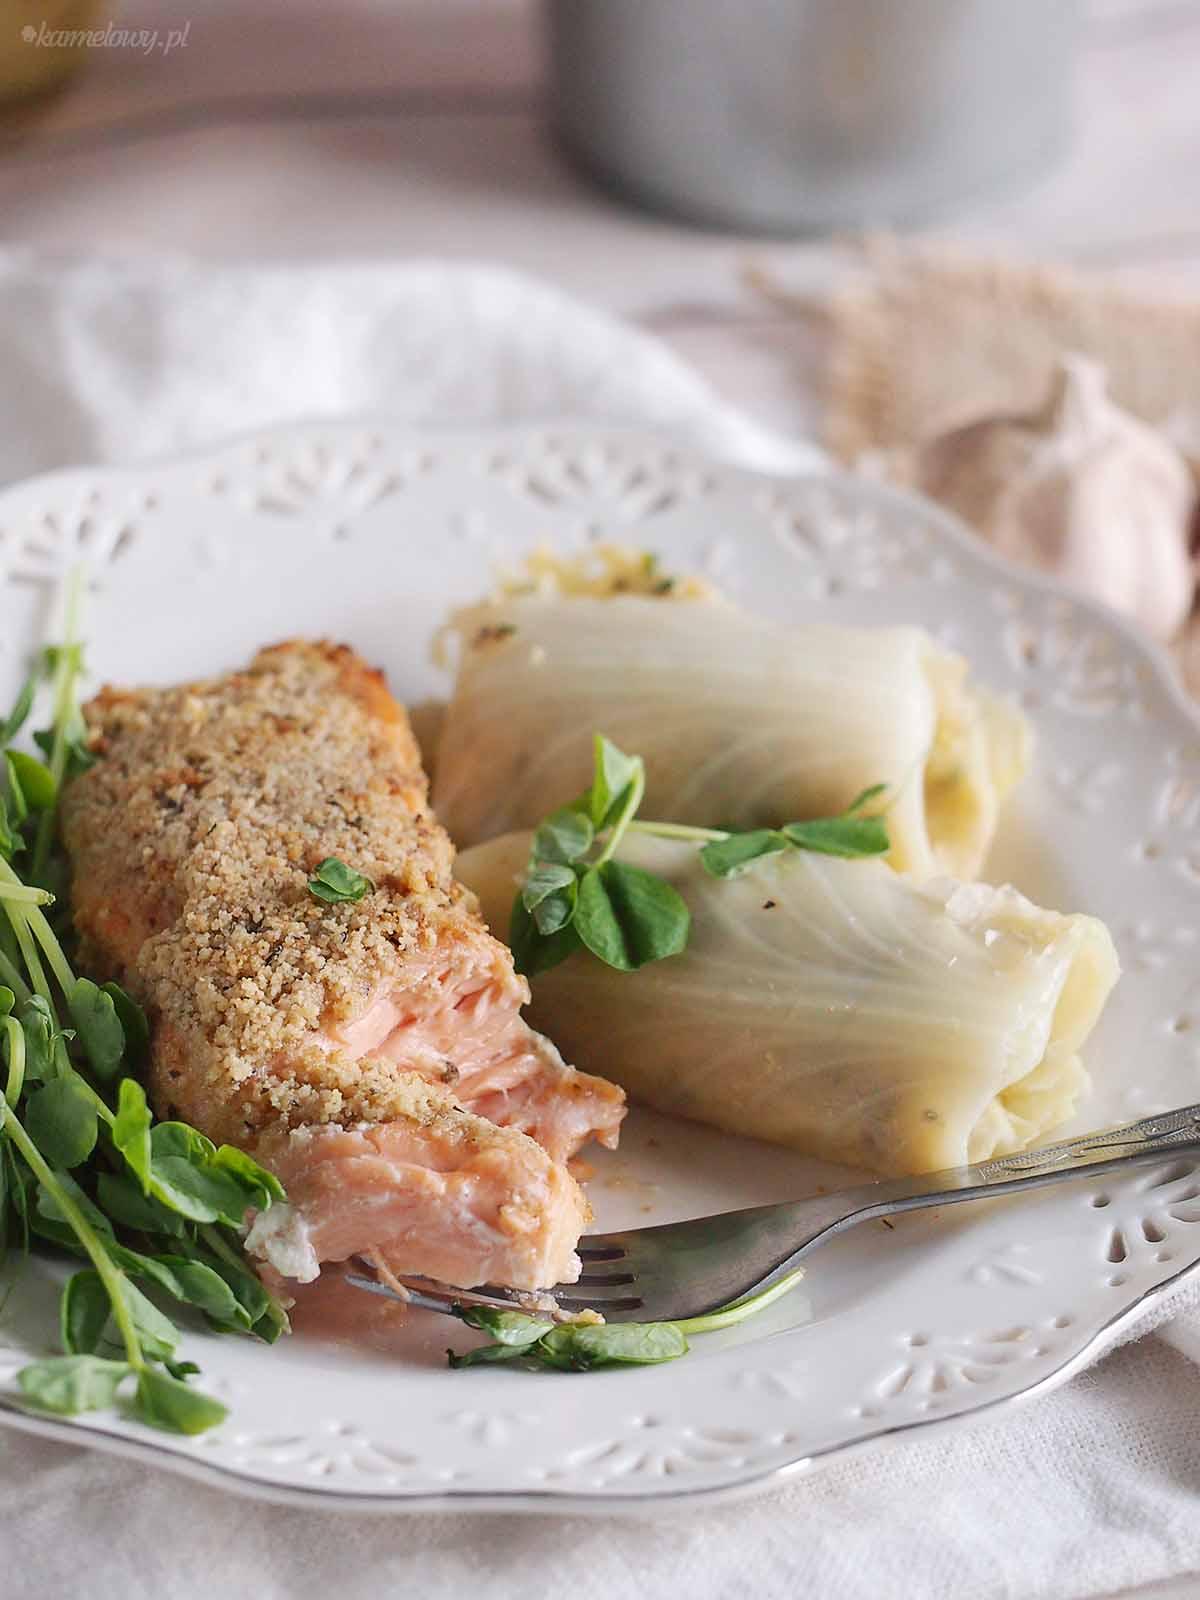 Miodowo-musztardowy-losos-z-kruszonka-orzechowa-Honey-mustard-salmon-with-walnut-crust